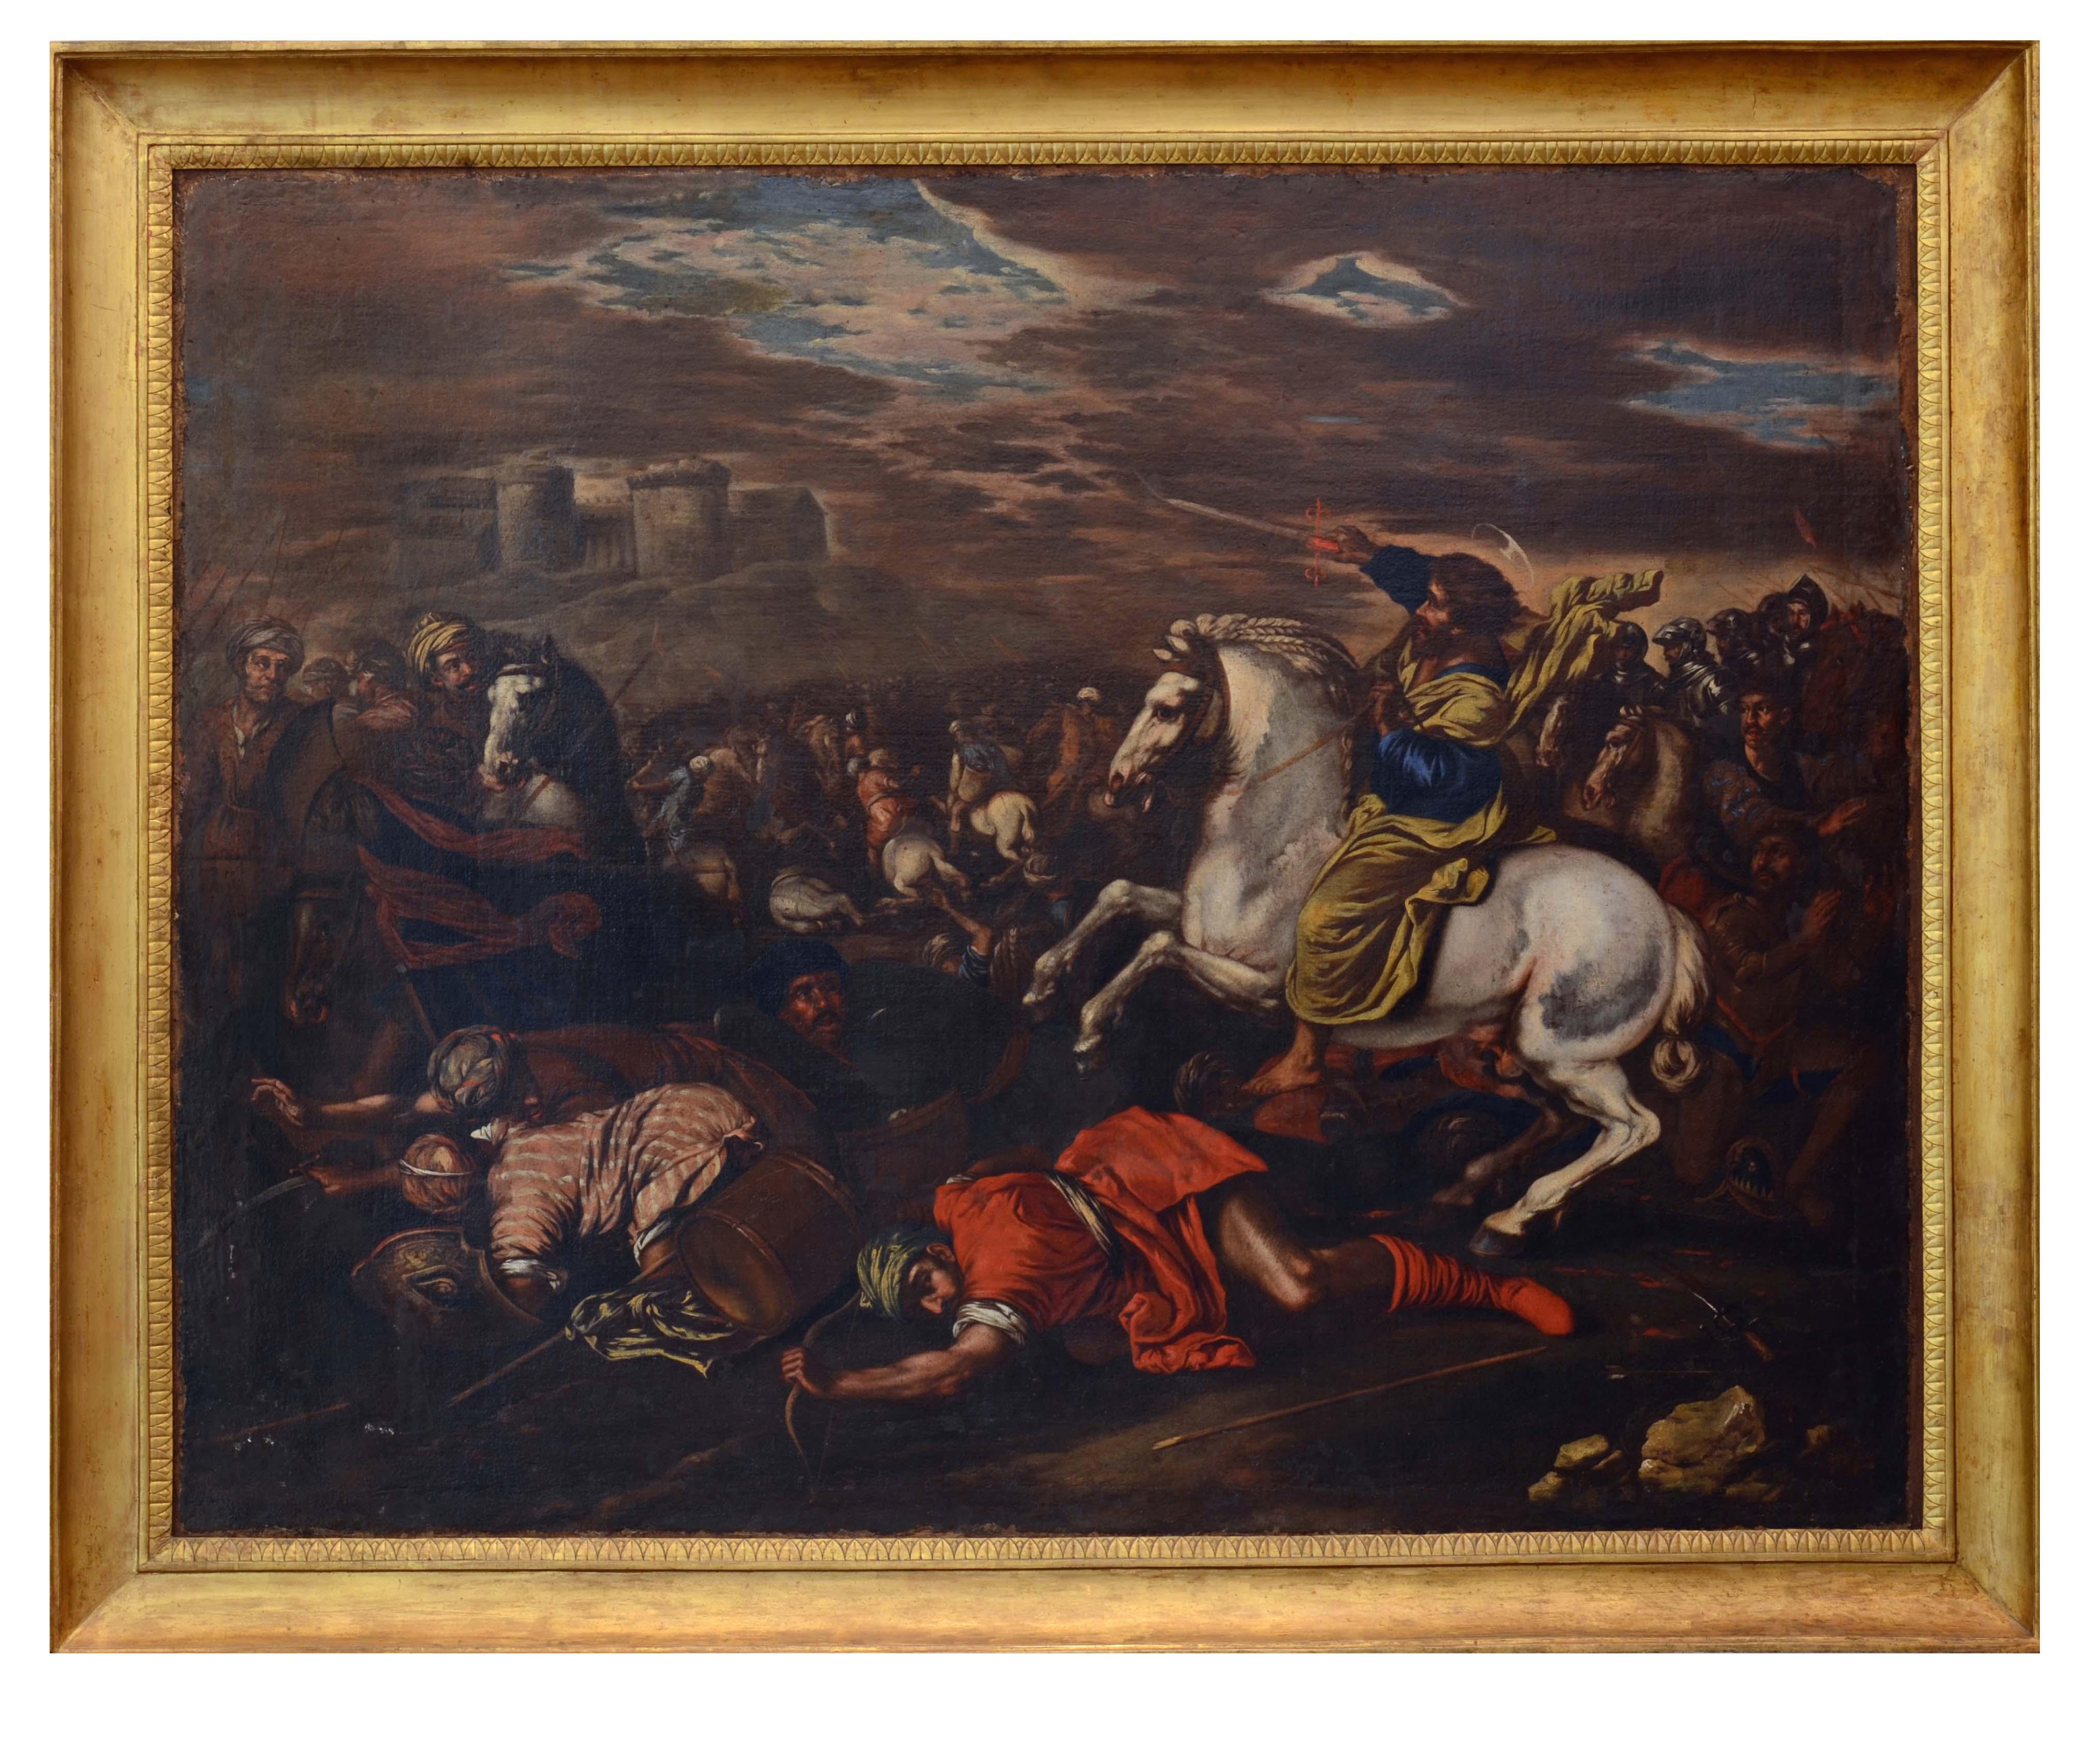 apparizione di San Giacomo nella battaglia contro i Mori (dipinto) di Andrea de Lione (attribuito) - ambito napoletano (XVII, prima metà)